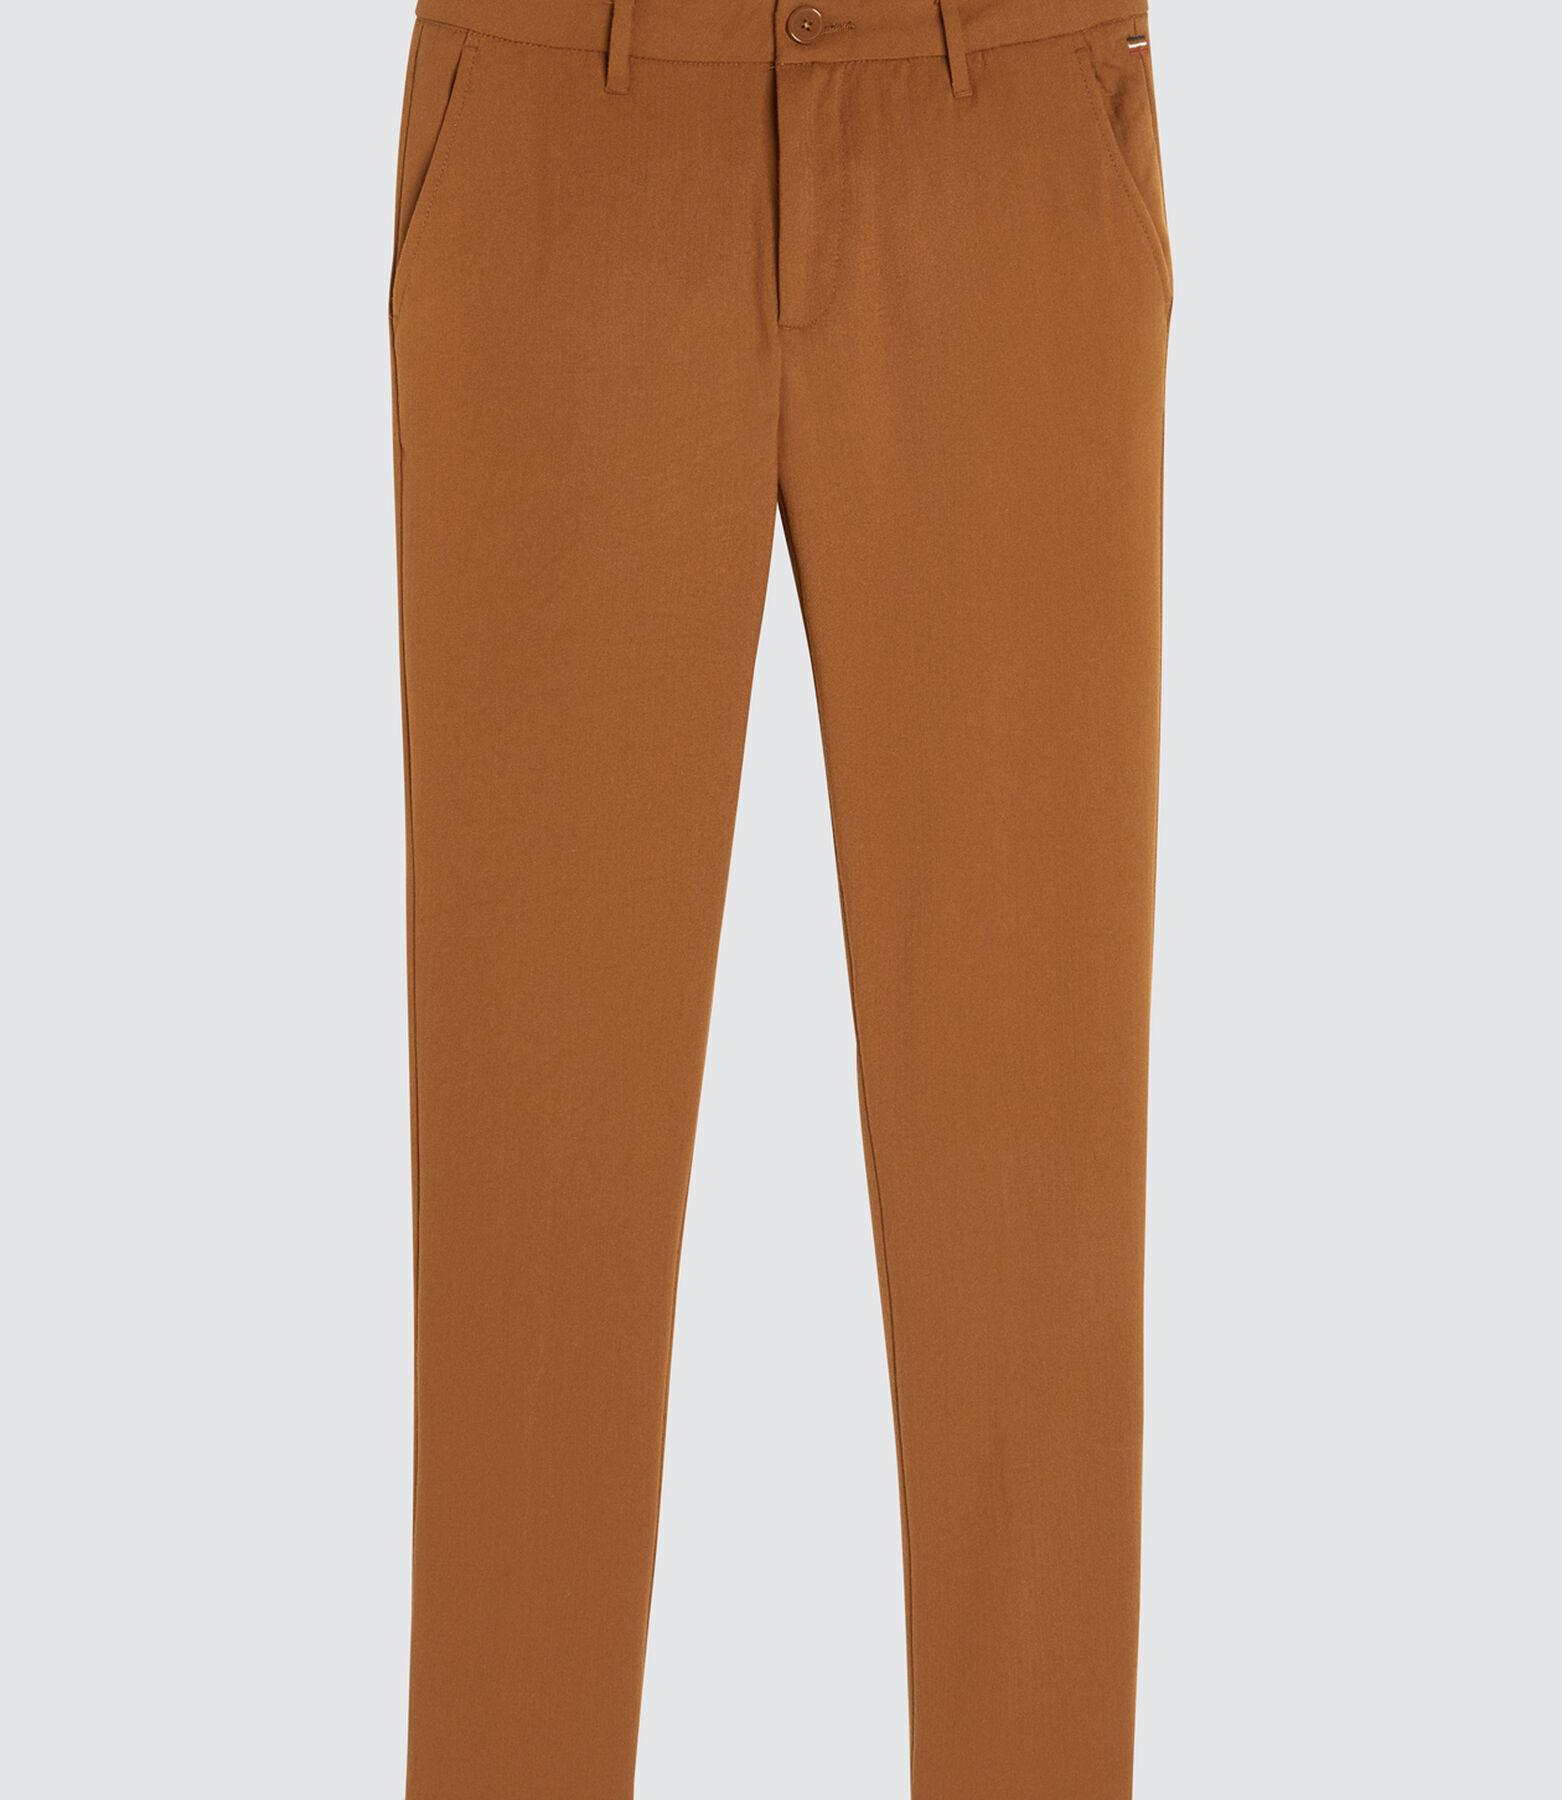 Pantalon de ville fluide fantaisie